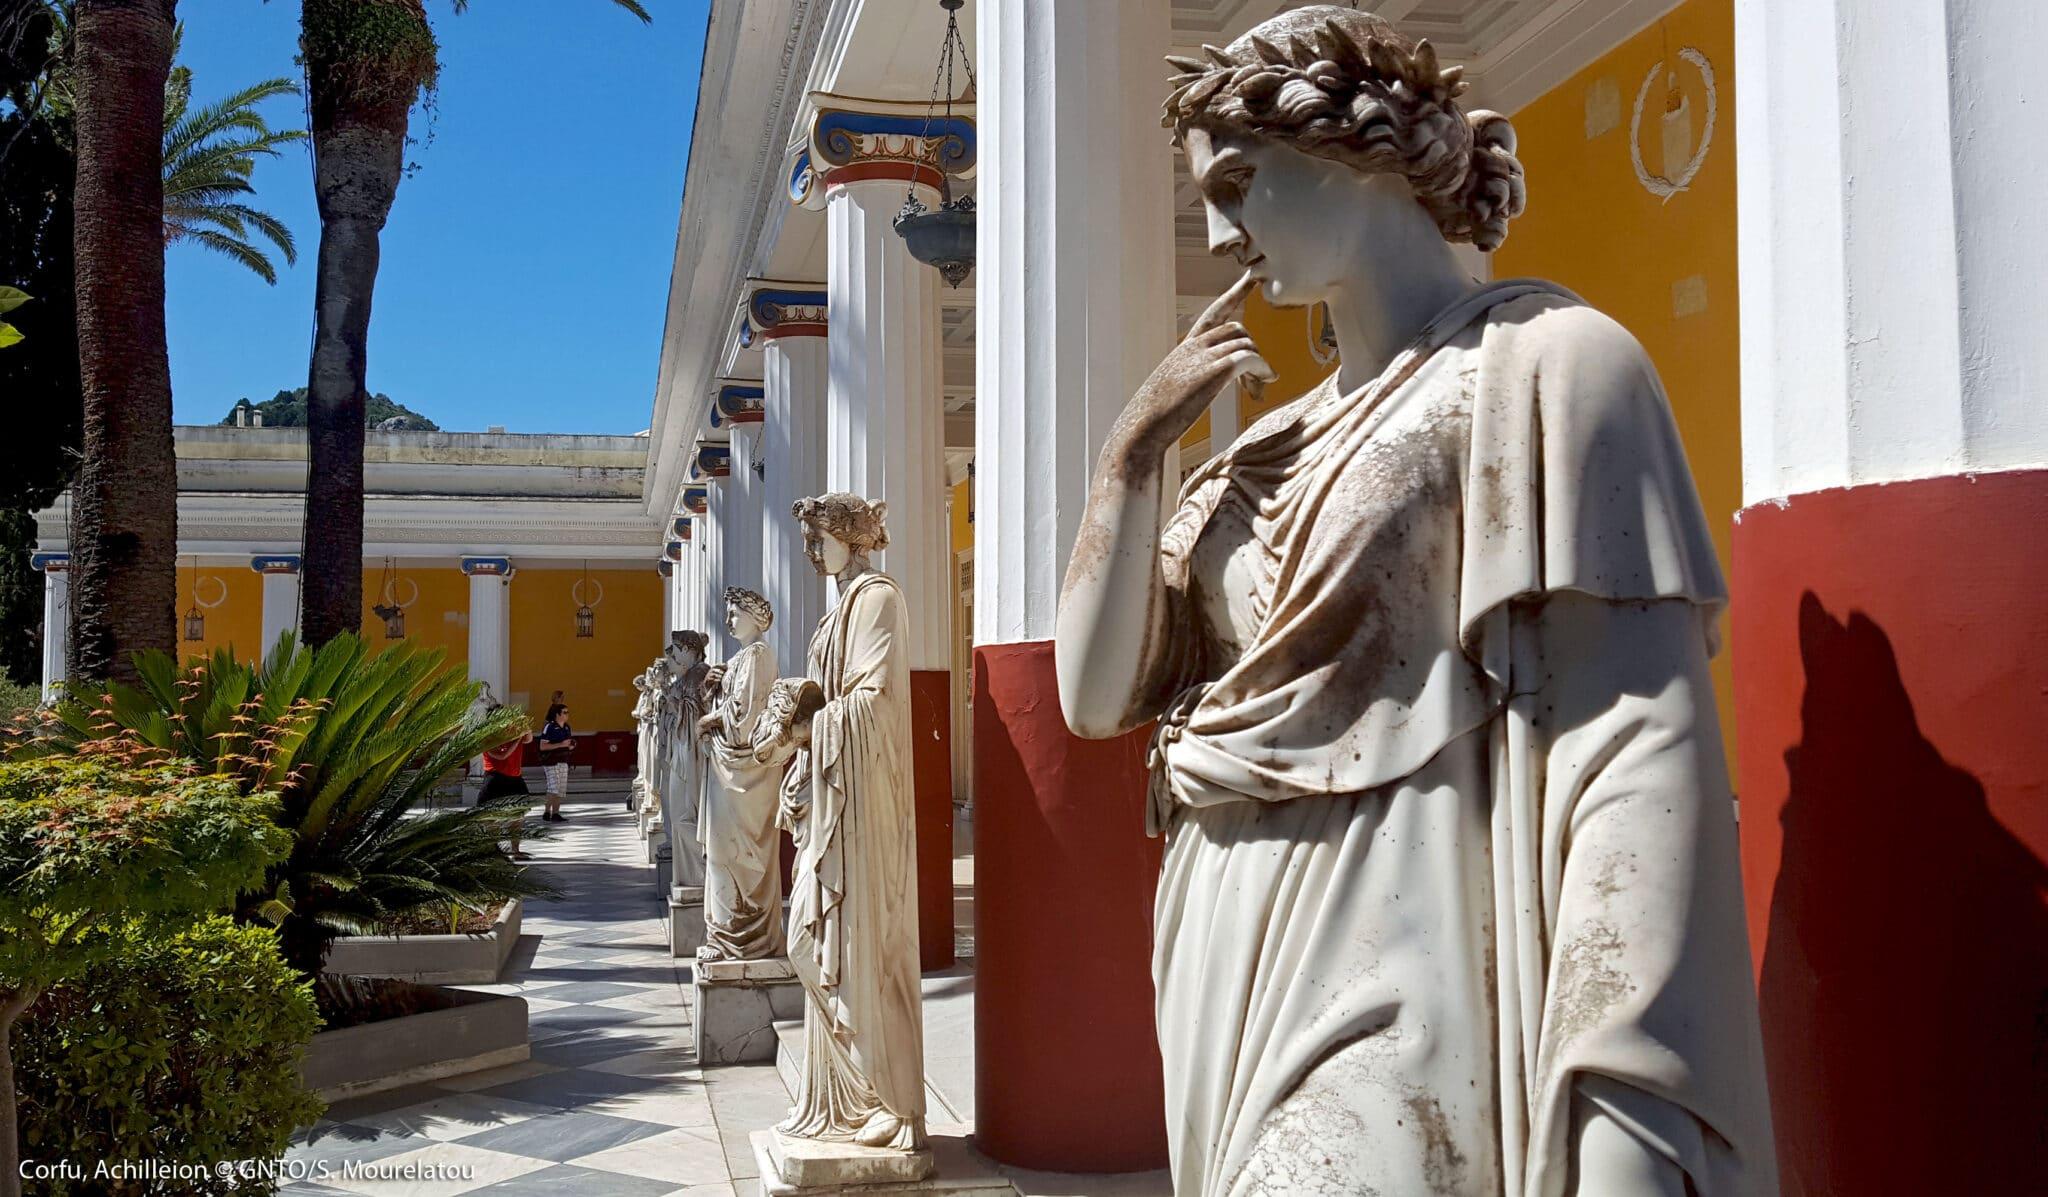 Carrousel 7 Corfu_Achilleion_114152_photo S Mourelatou